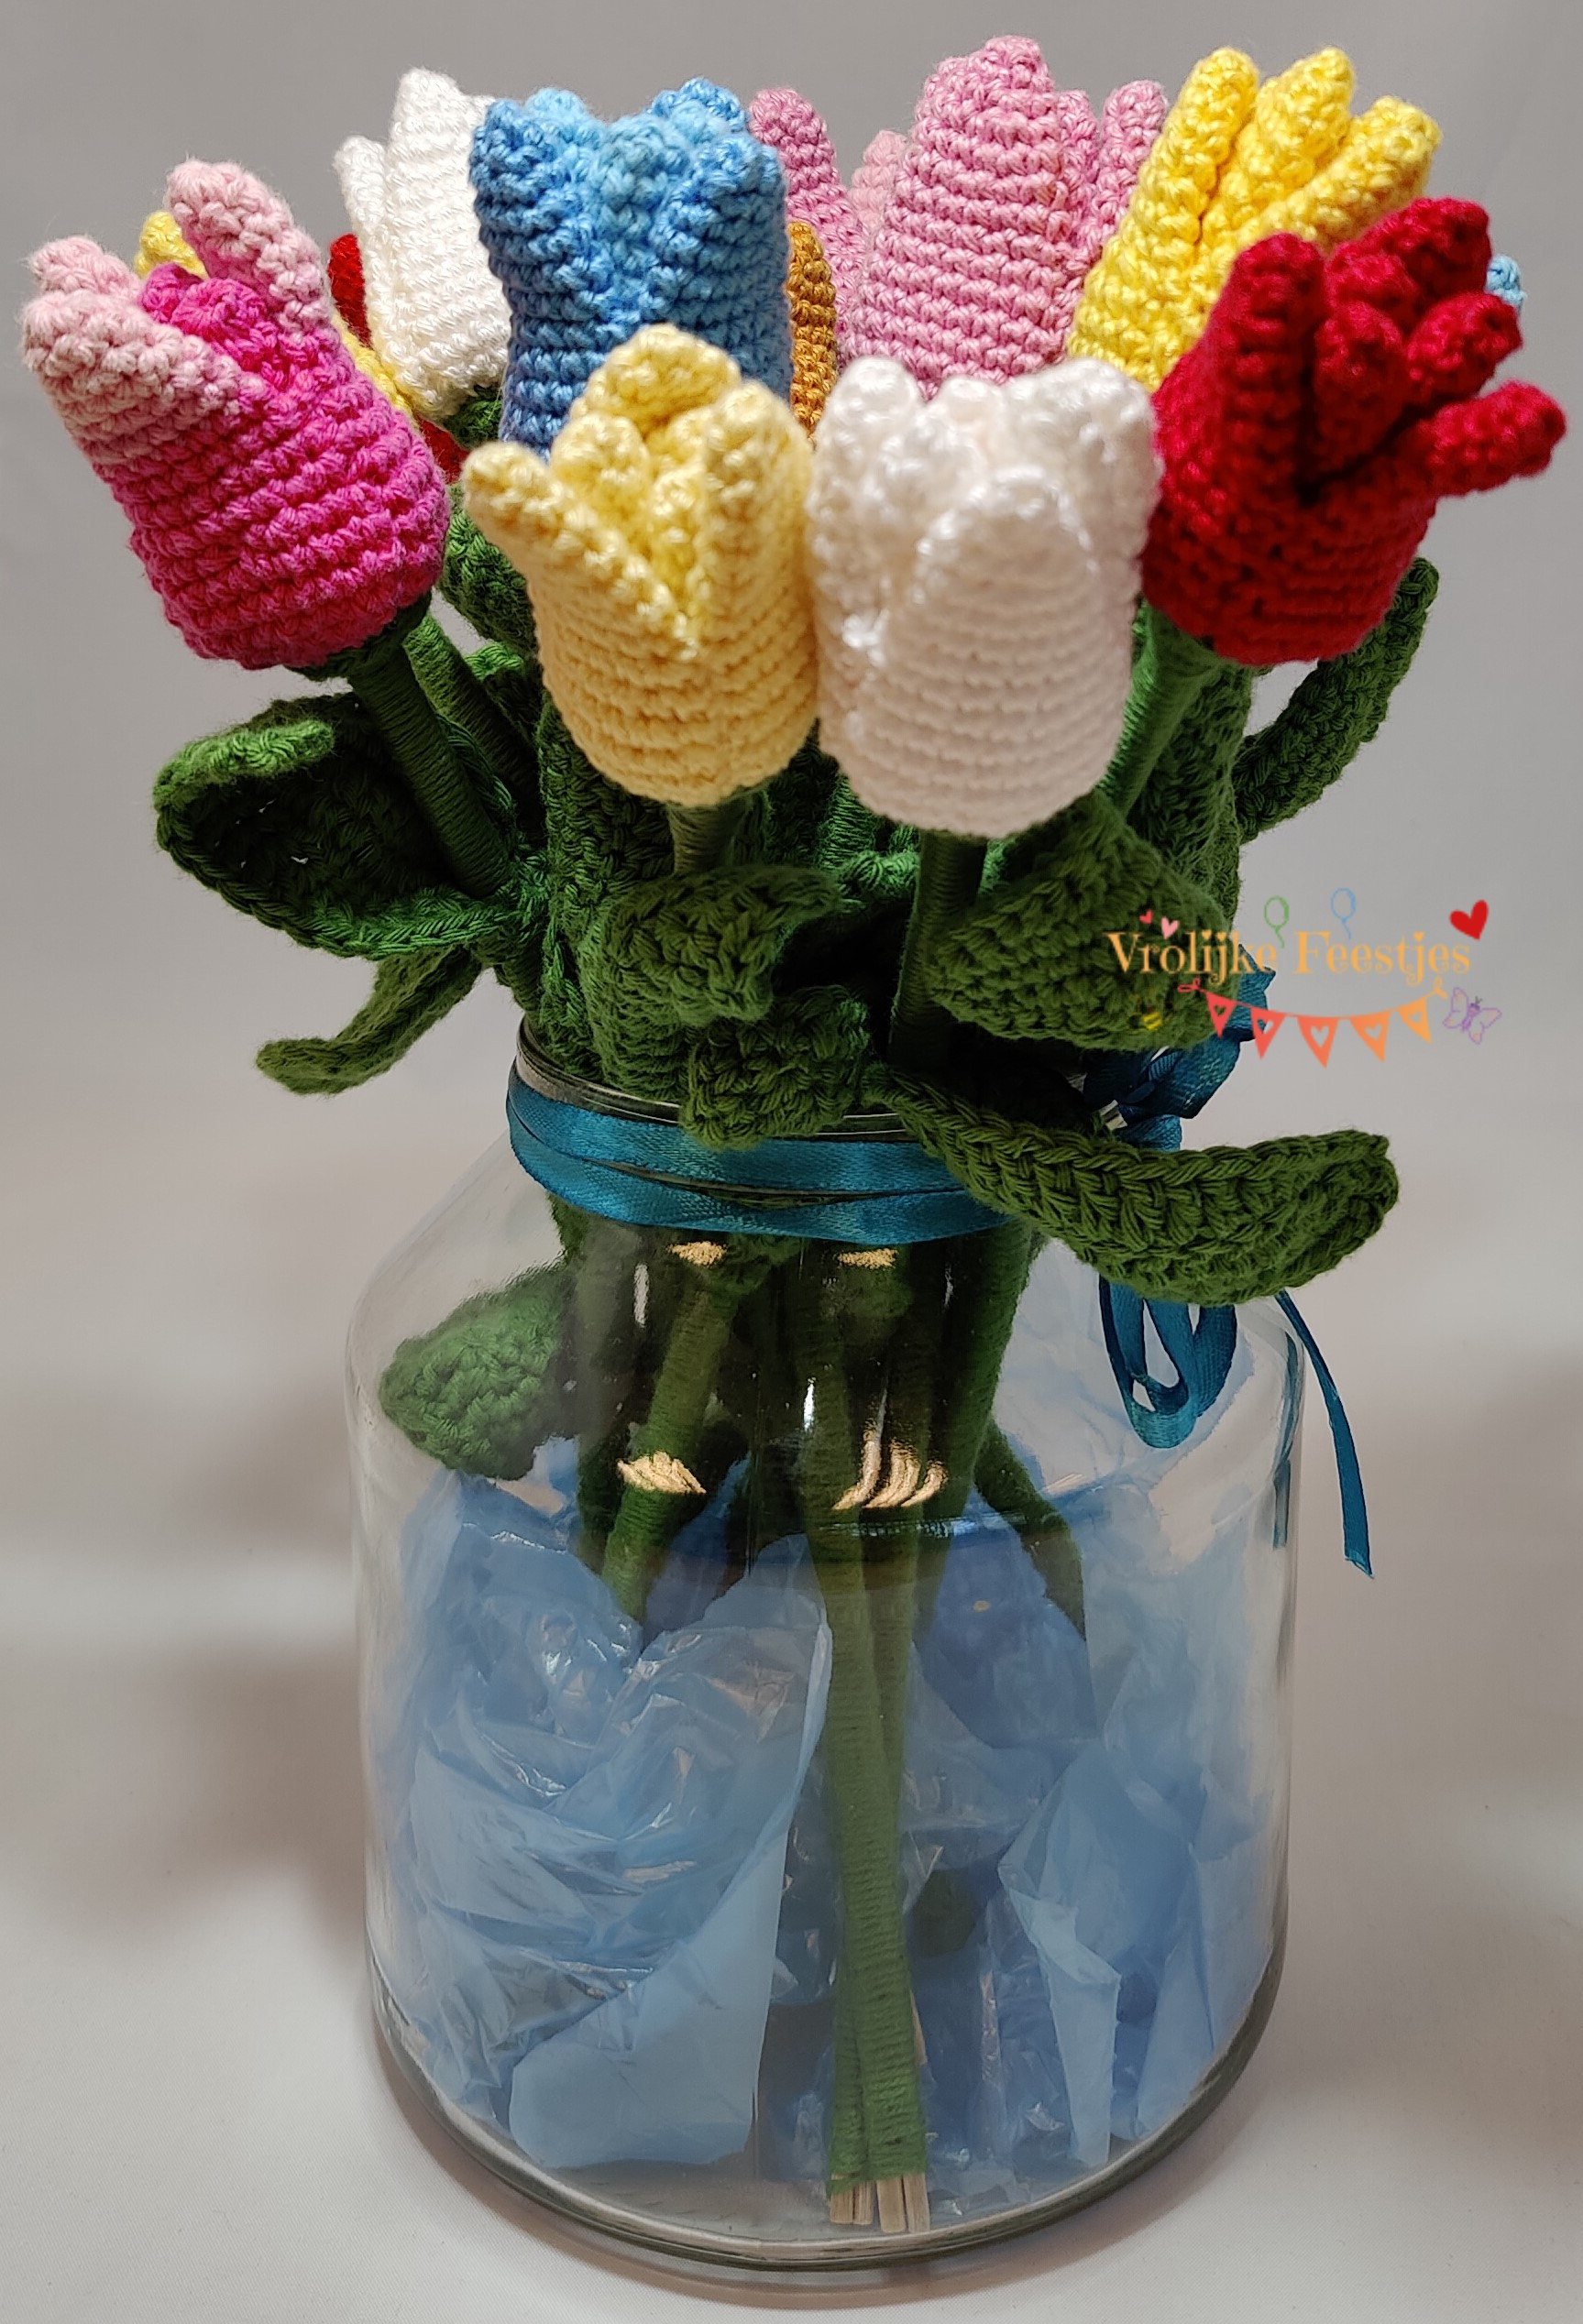 Gehaakte tulpen in diverse kleuren